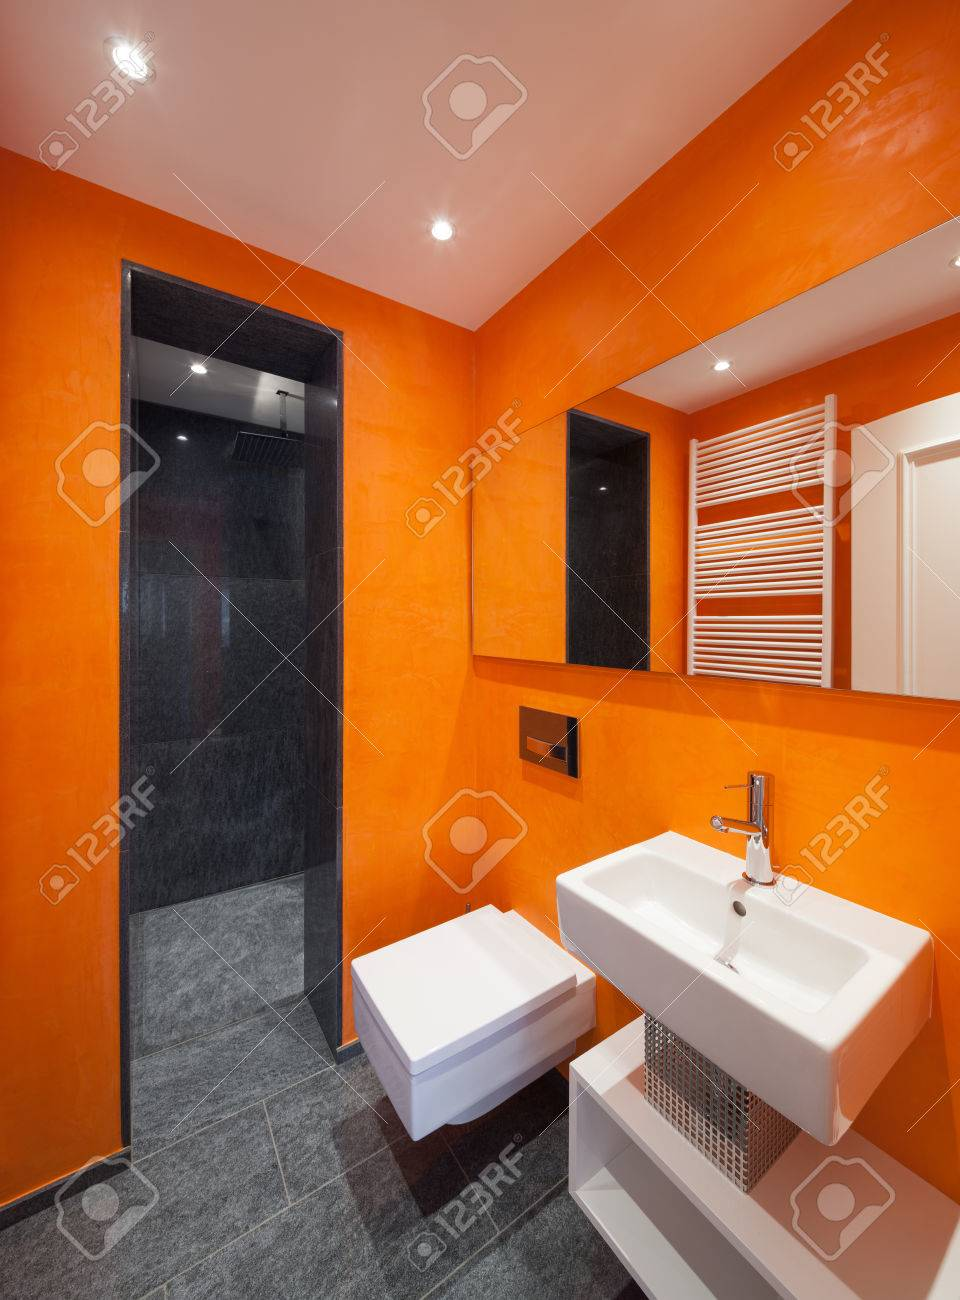 Interieur Des Hauses, Ein Modernes Bad, Orange Wände Lizenzfreie ...